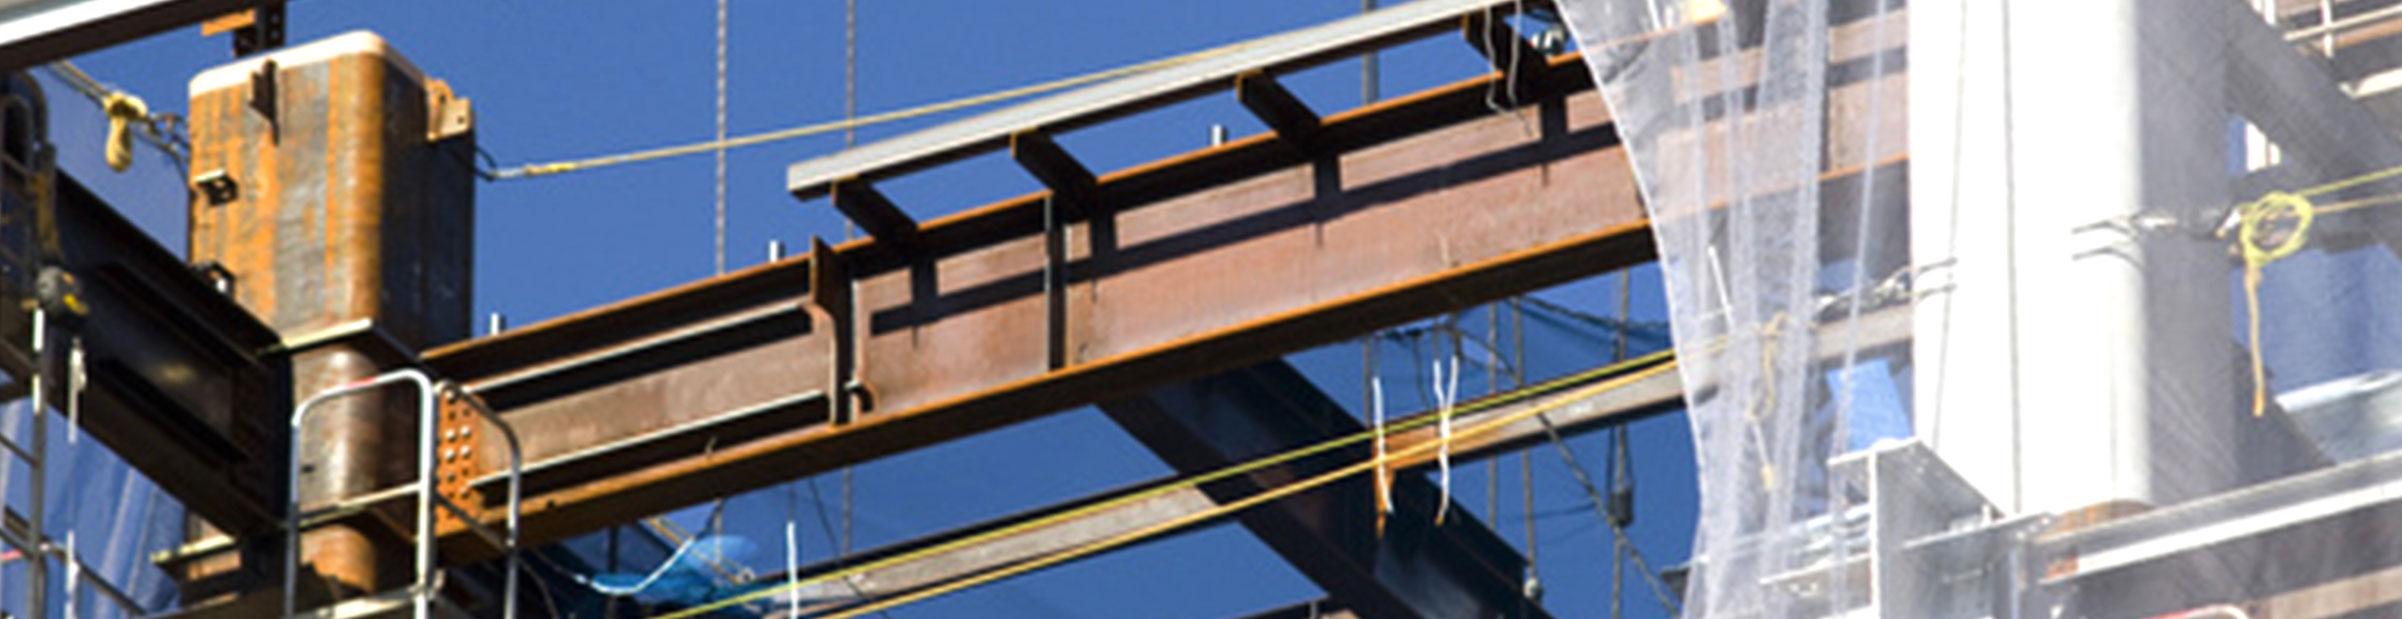 一般管(建材)及び機械構造用鋼管